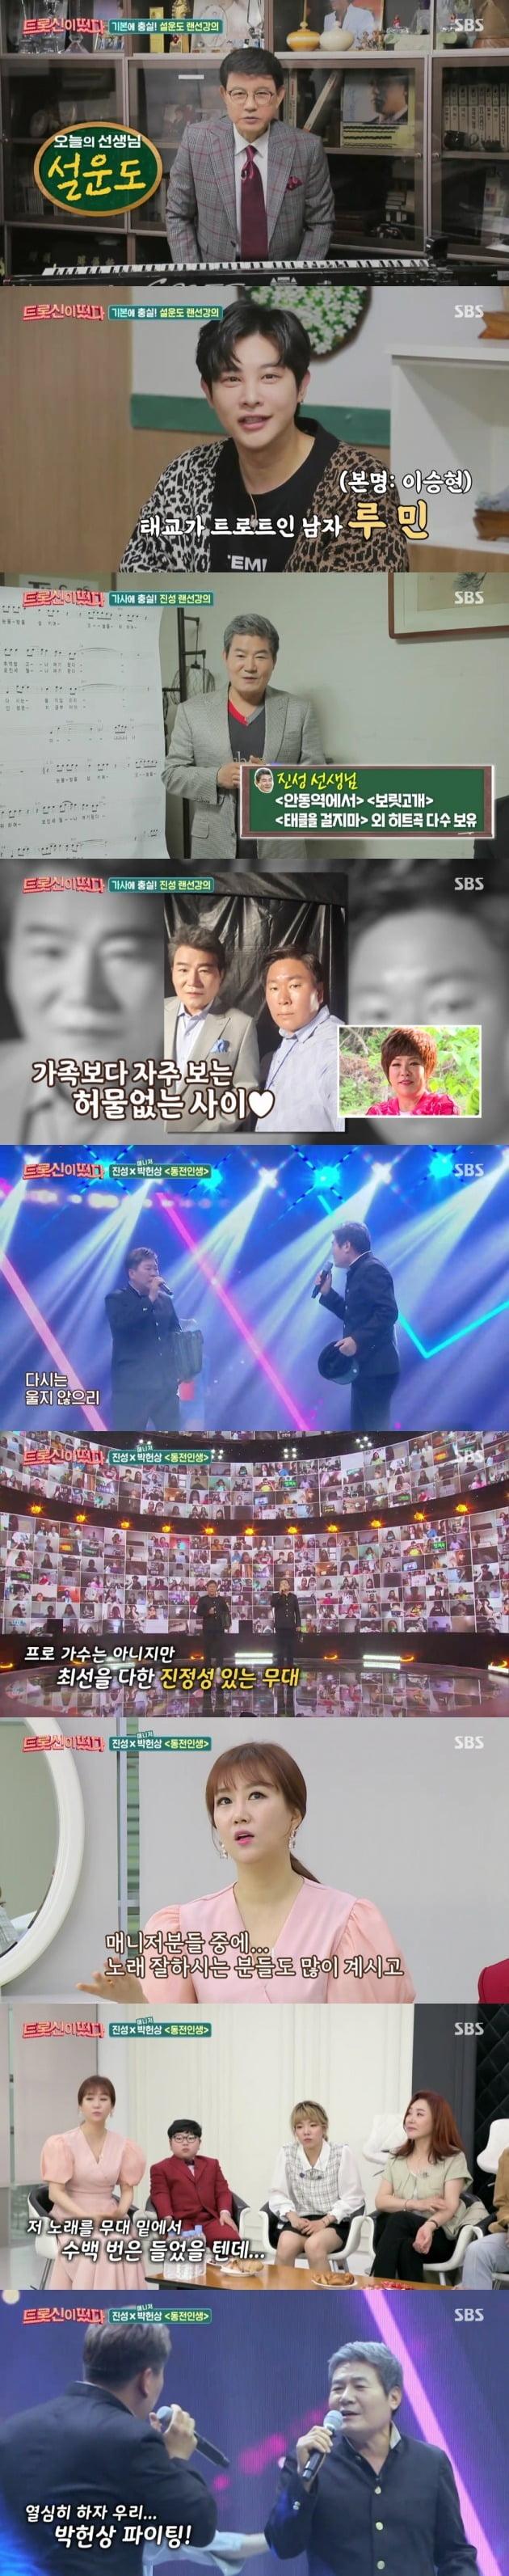 '트롯신'이 소중한 가족, 주변 사람과 듀엣 무대를 꾸몄다. / 사진제공=SBS